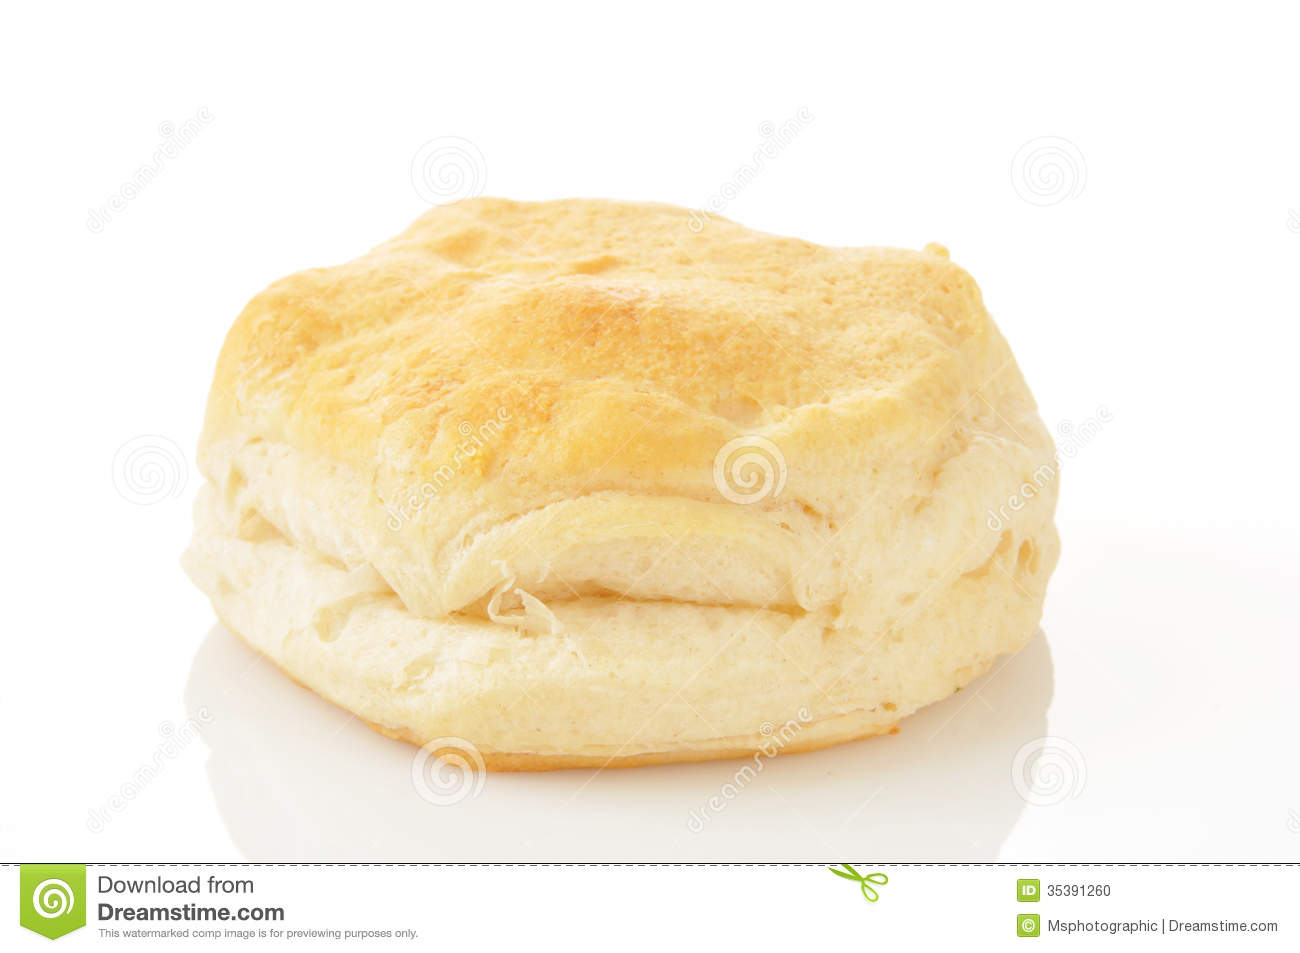 Biscuit clipart buttermilk biscuit Buttermilk Clipart Biscuits Biscuits Clipart